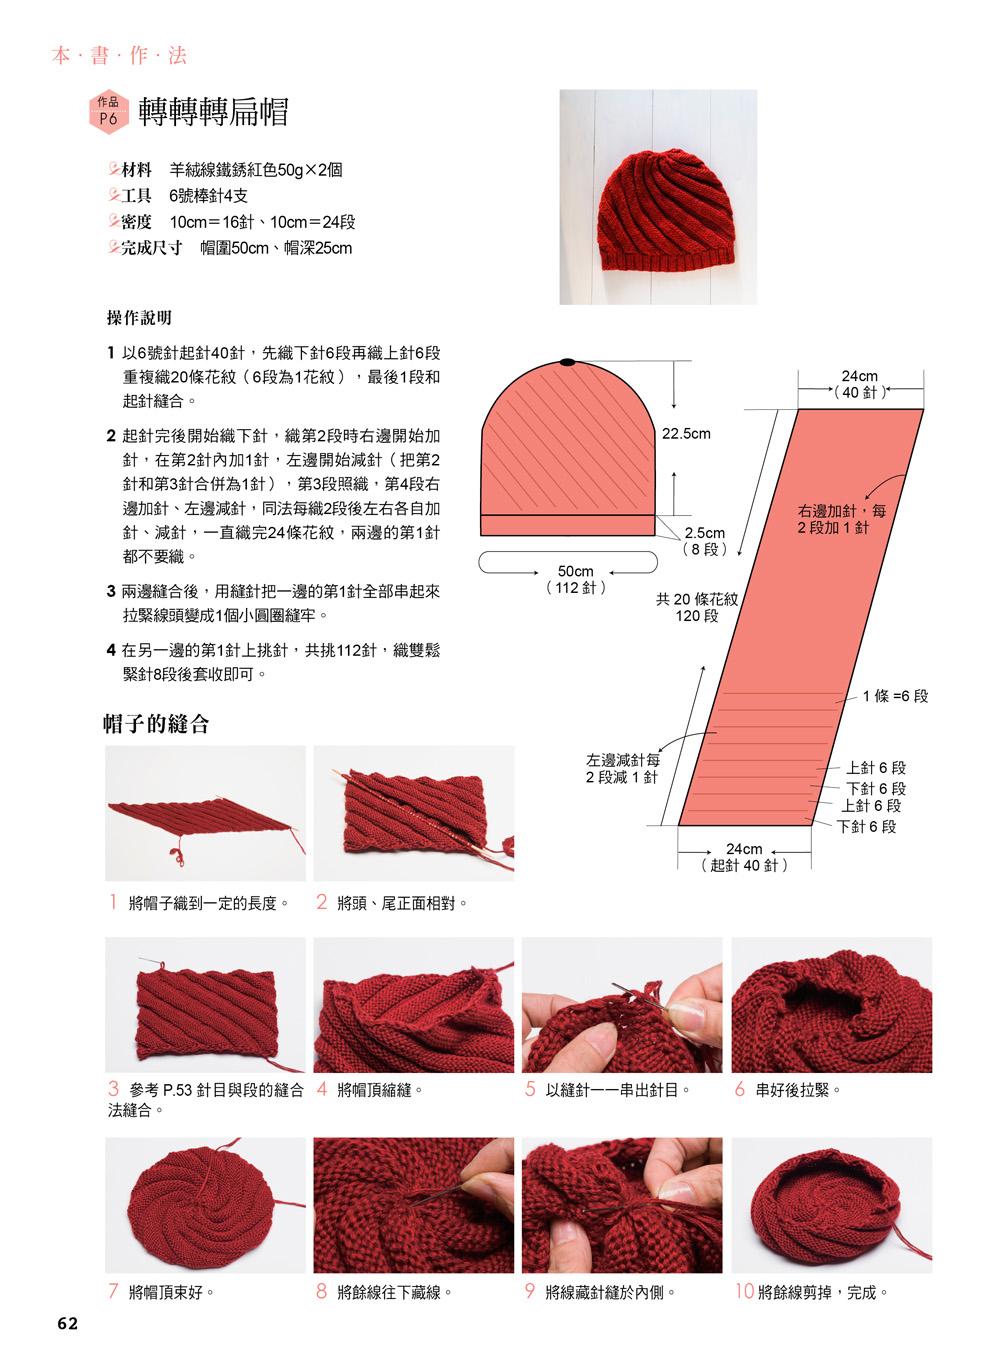 //im2.book.com.tw/image/getImage?i=http://www.books.com.tw/img/001/065/52/0010655213_b_09.jpg&v=54522fad&w=655&h=609